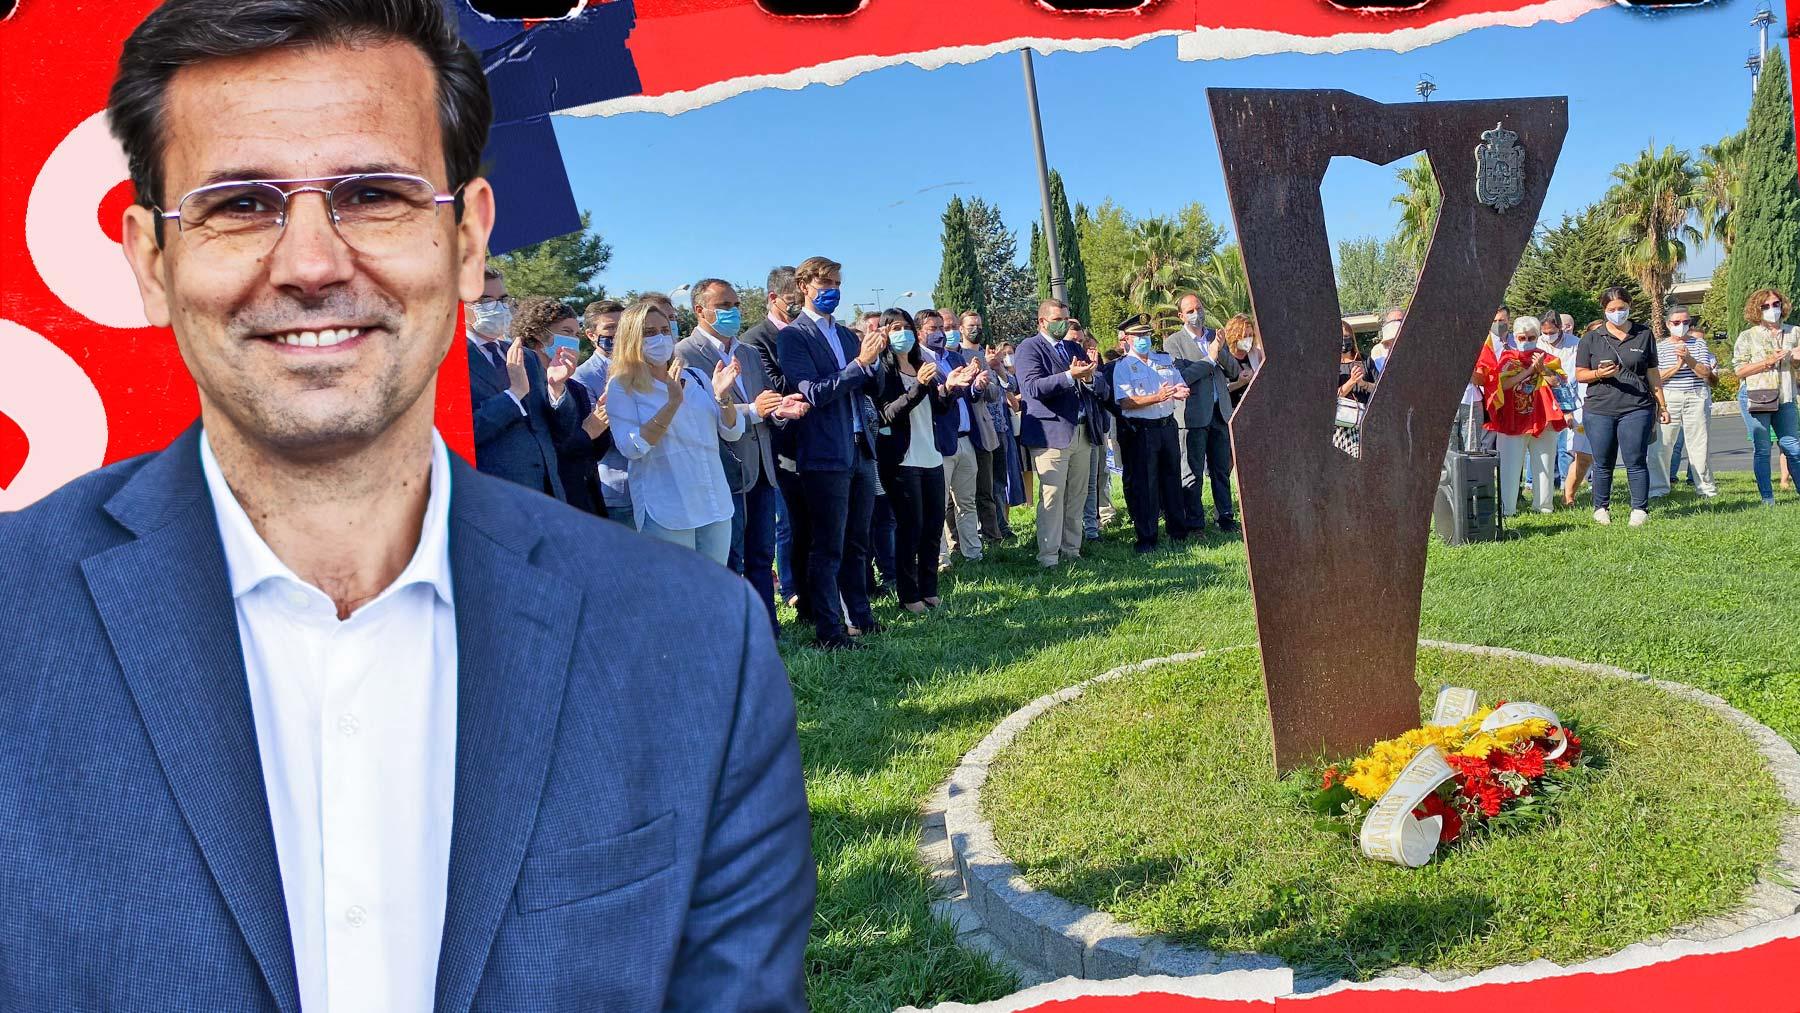 El PSOE da la espalda a las víctimas de ETA: el alcalde de Granada, Francisco Cuenca, no acude al acto en su ciudad.